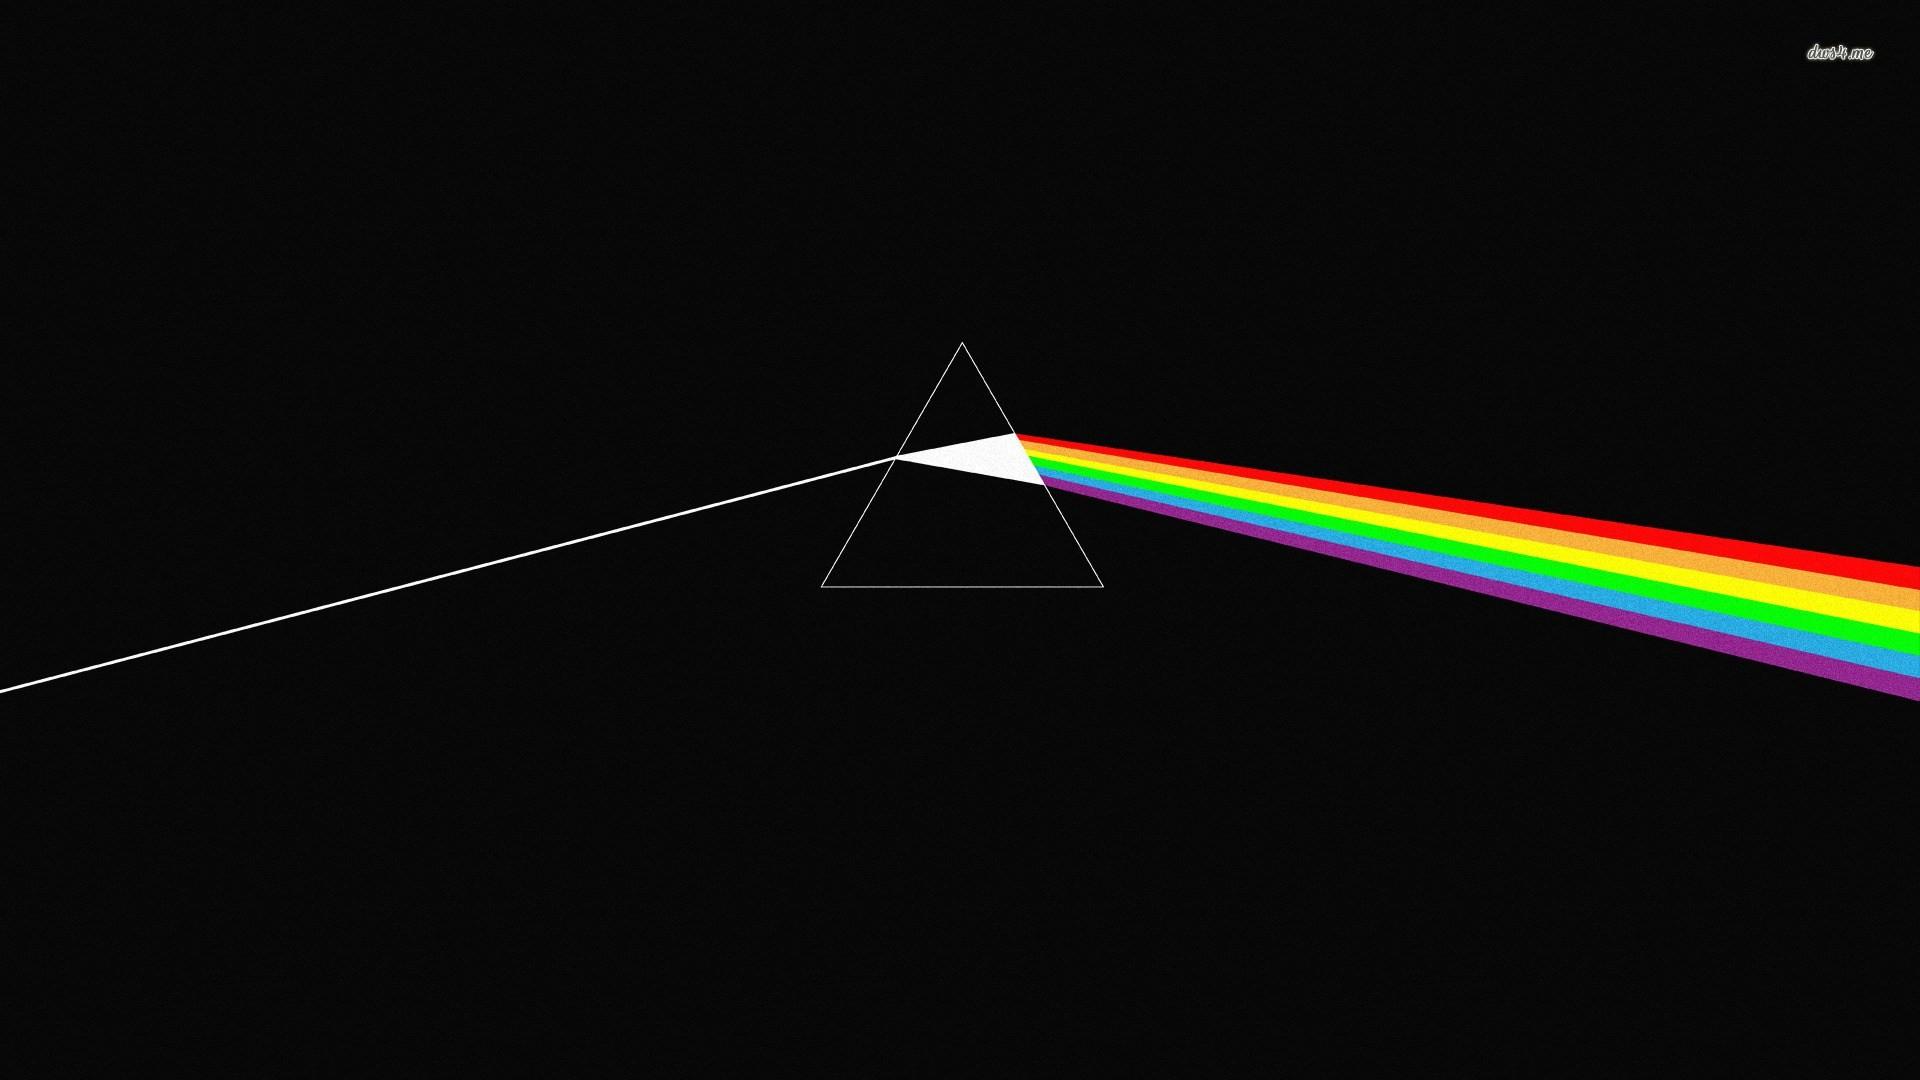 … Nice Pink Floyd Dark Side Of The Moon Download Wallpaper Free Download  Wallpapers – Download Free